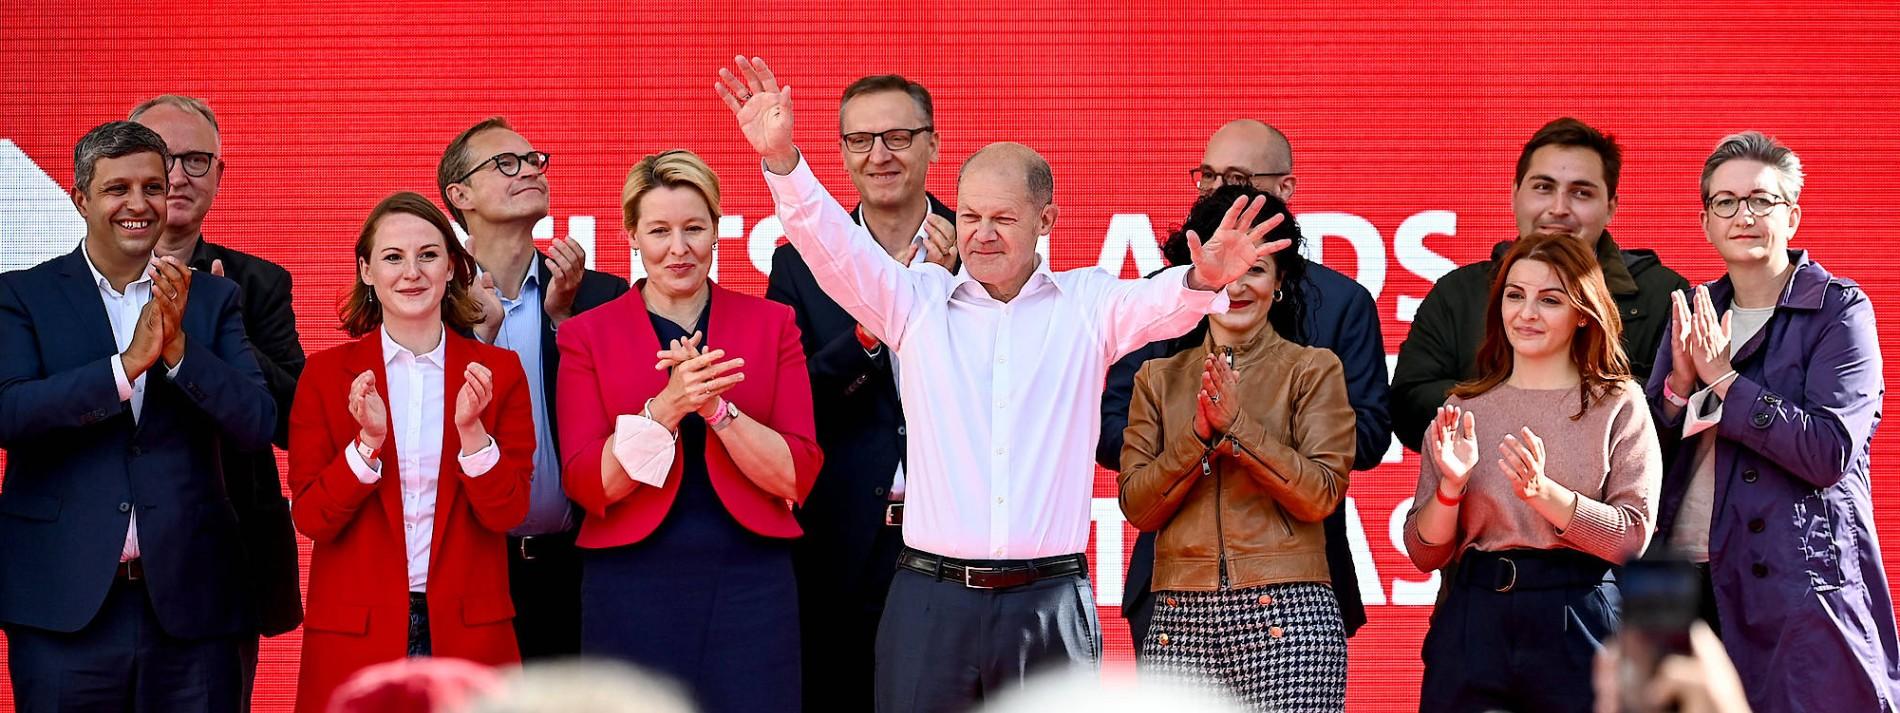 Wie erklärt sich der Erfolg der SPD?